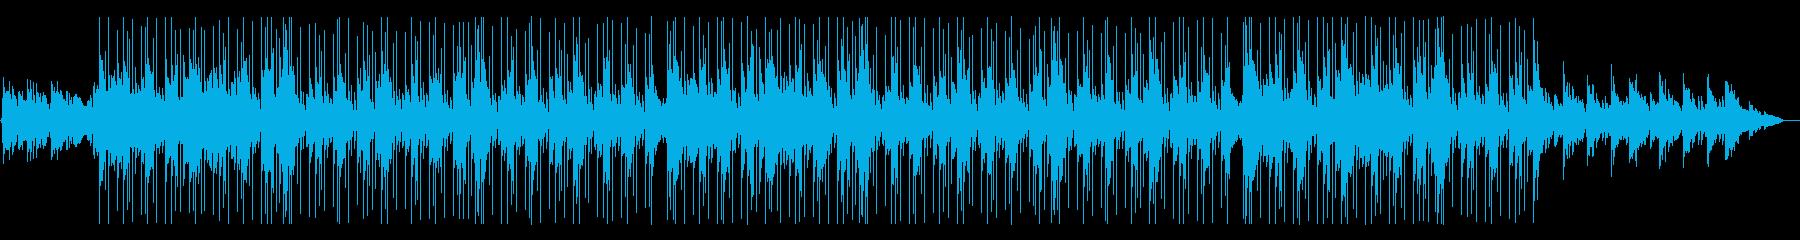 しっとりと綺麗なチル系HIPHOPの再生済みの波形